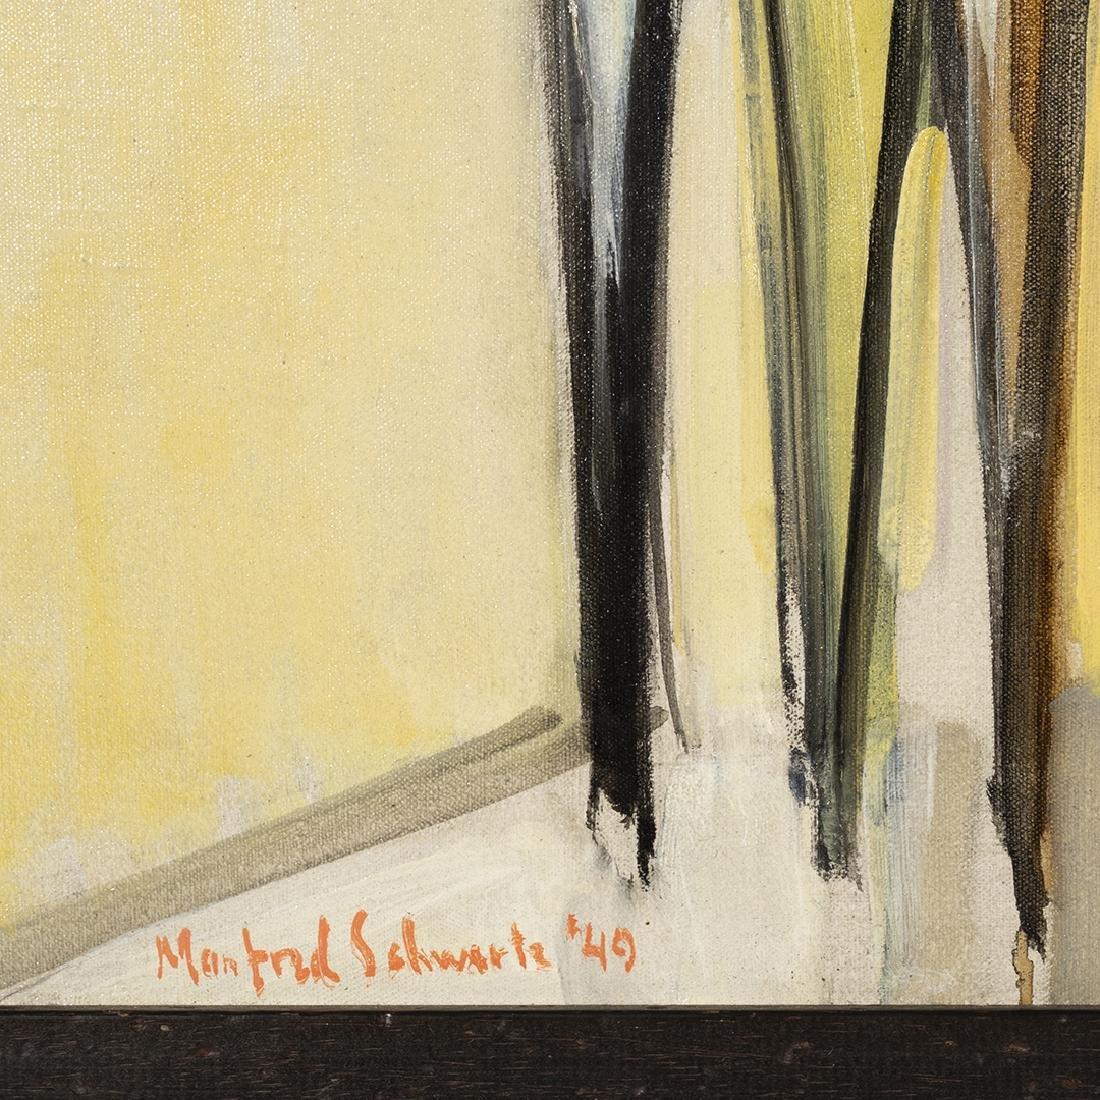 Manfred Schwartz Oil on Canvas - 2